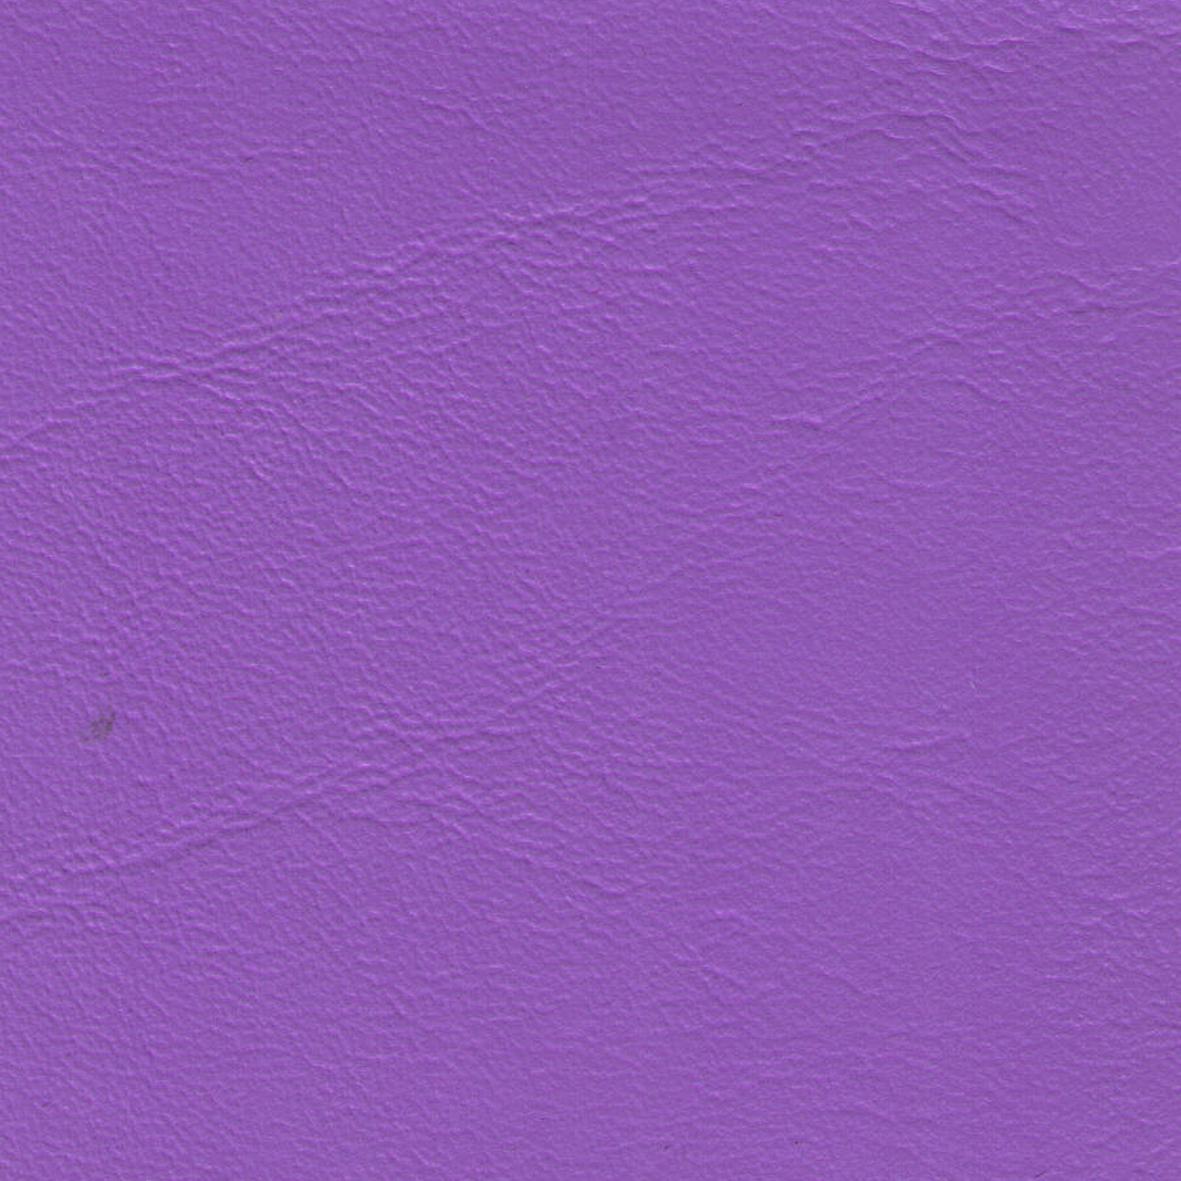 98 - Couro sintético lilás